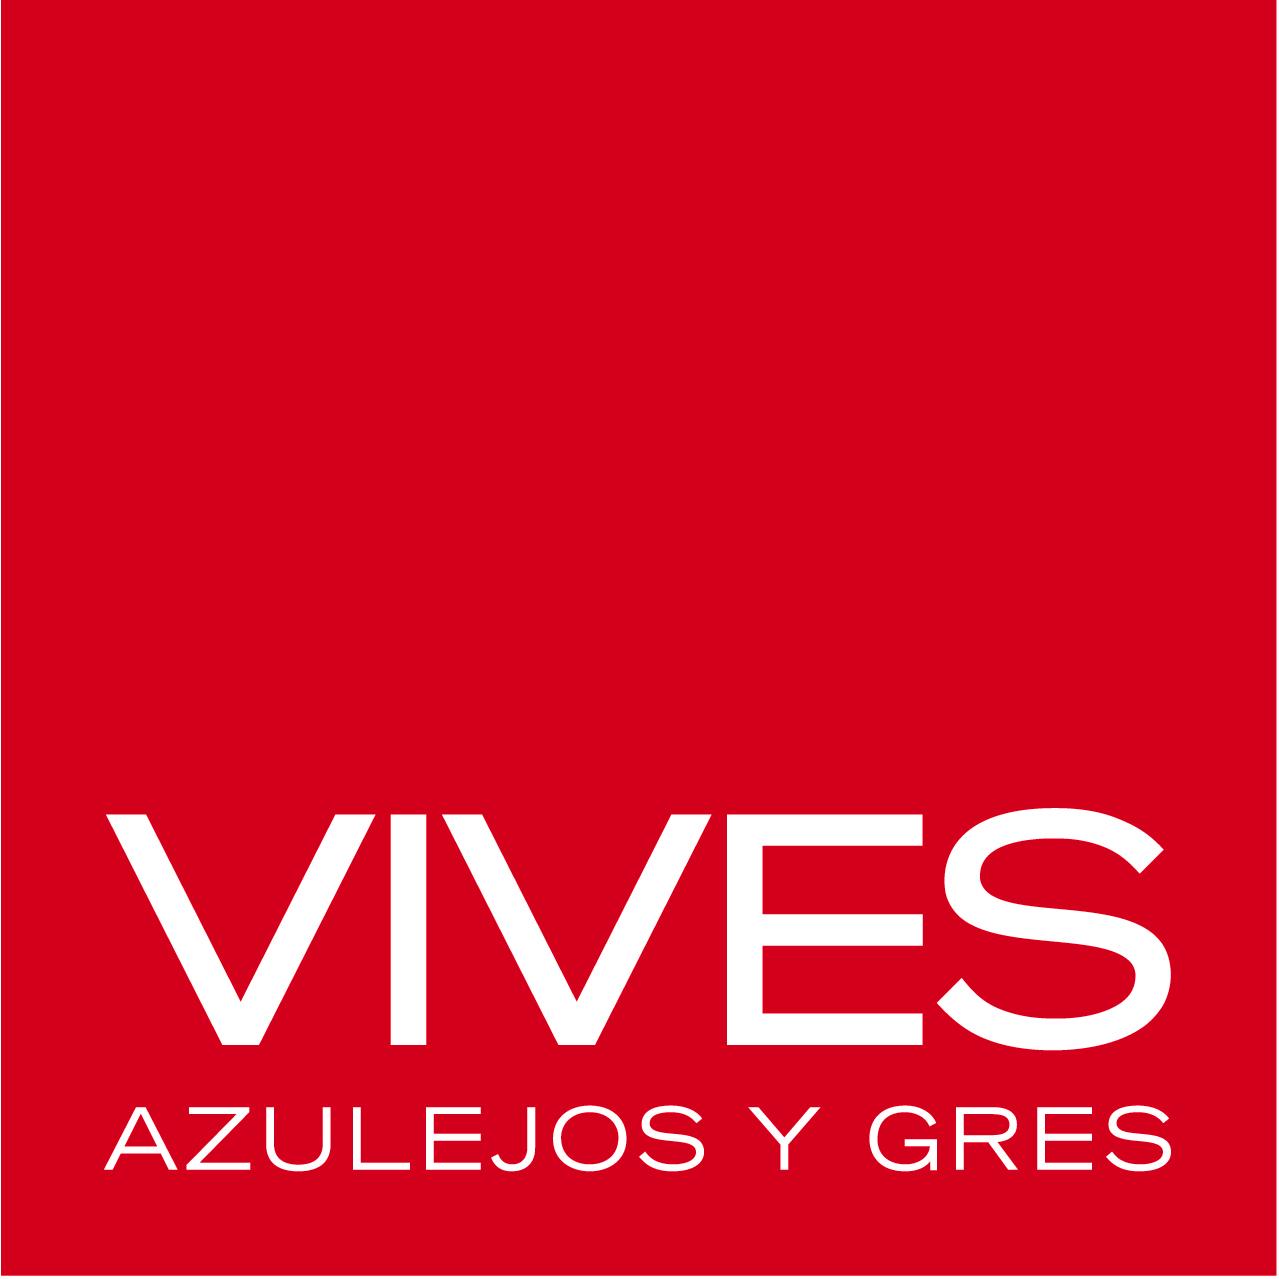 Azulejos Baño Huelva: Huelva – Azulejos Huelva – Bricolaje Huelva – Muebles baño Huelva